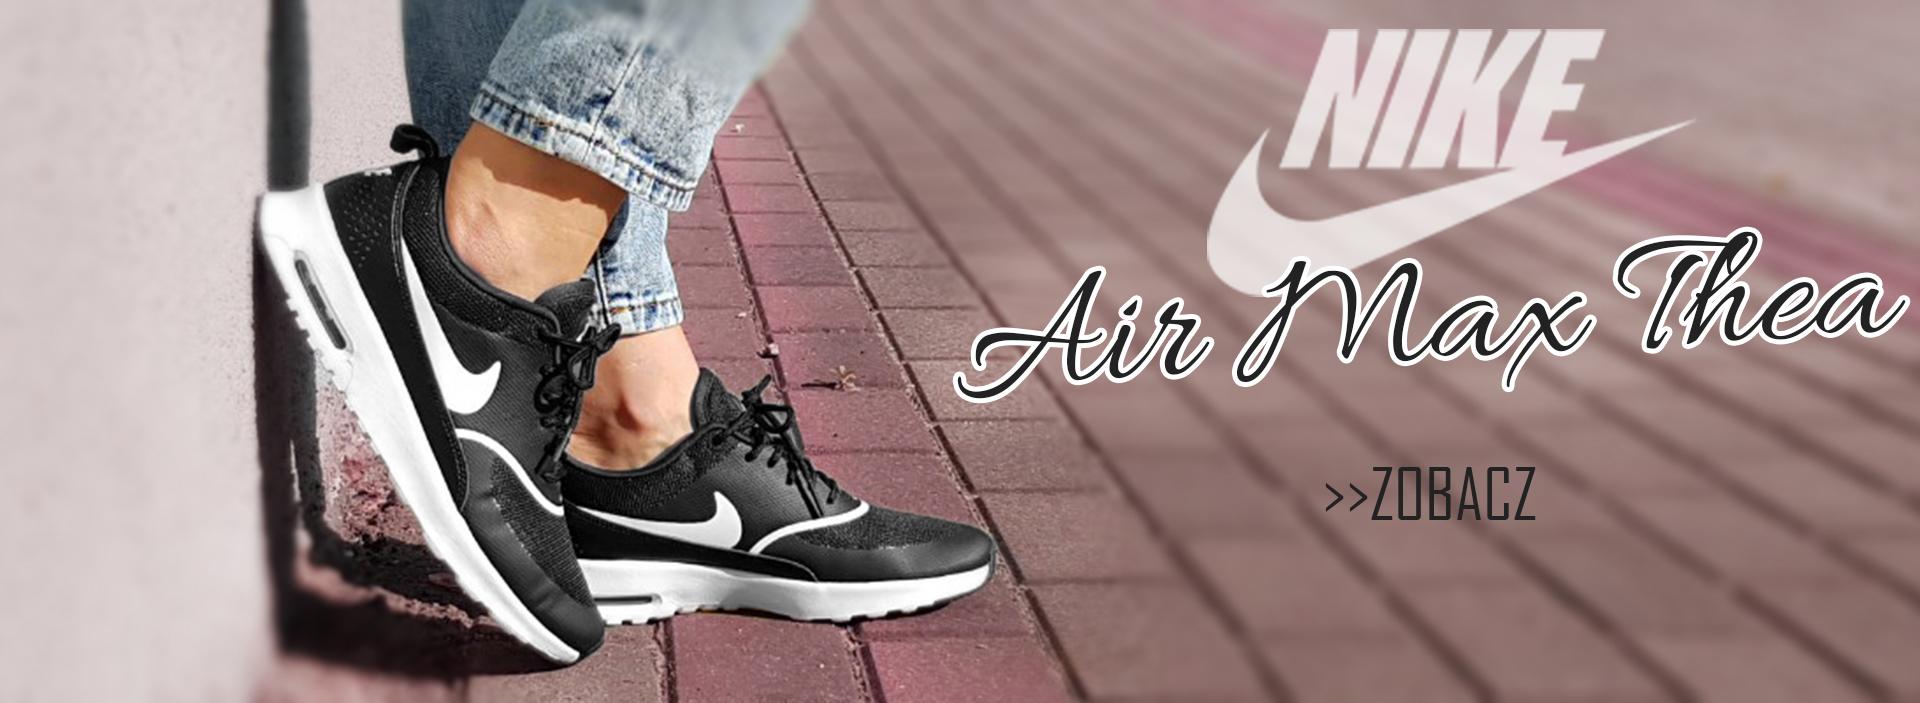 91f1b03e3888c Sklep internetowy oryginalne obuwie sportowe - tanie buty nike adidas    Prosport24